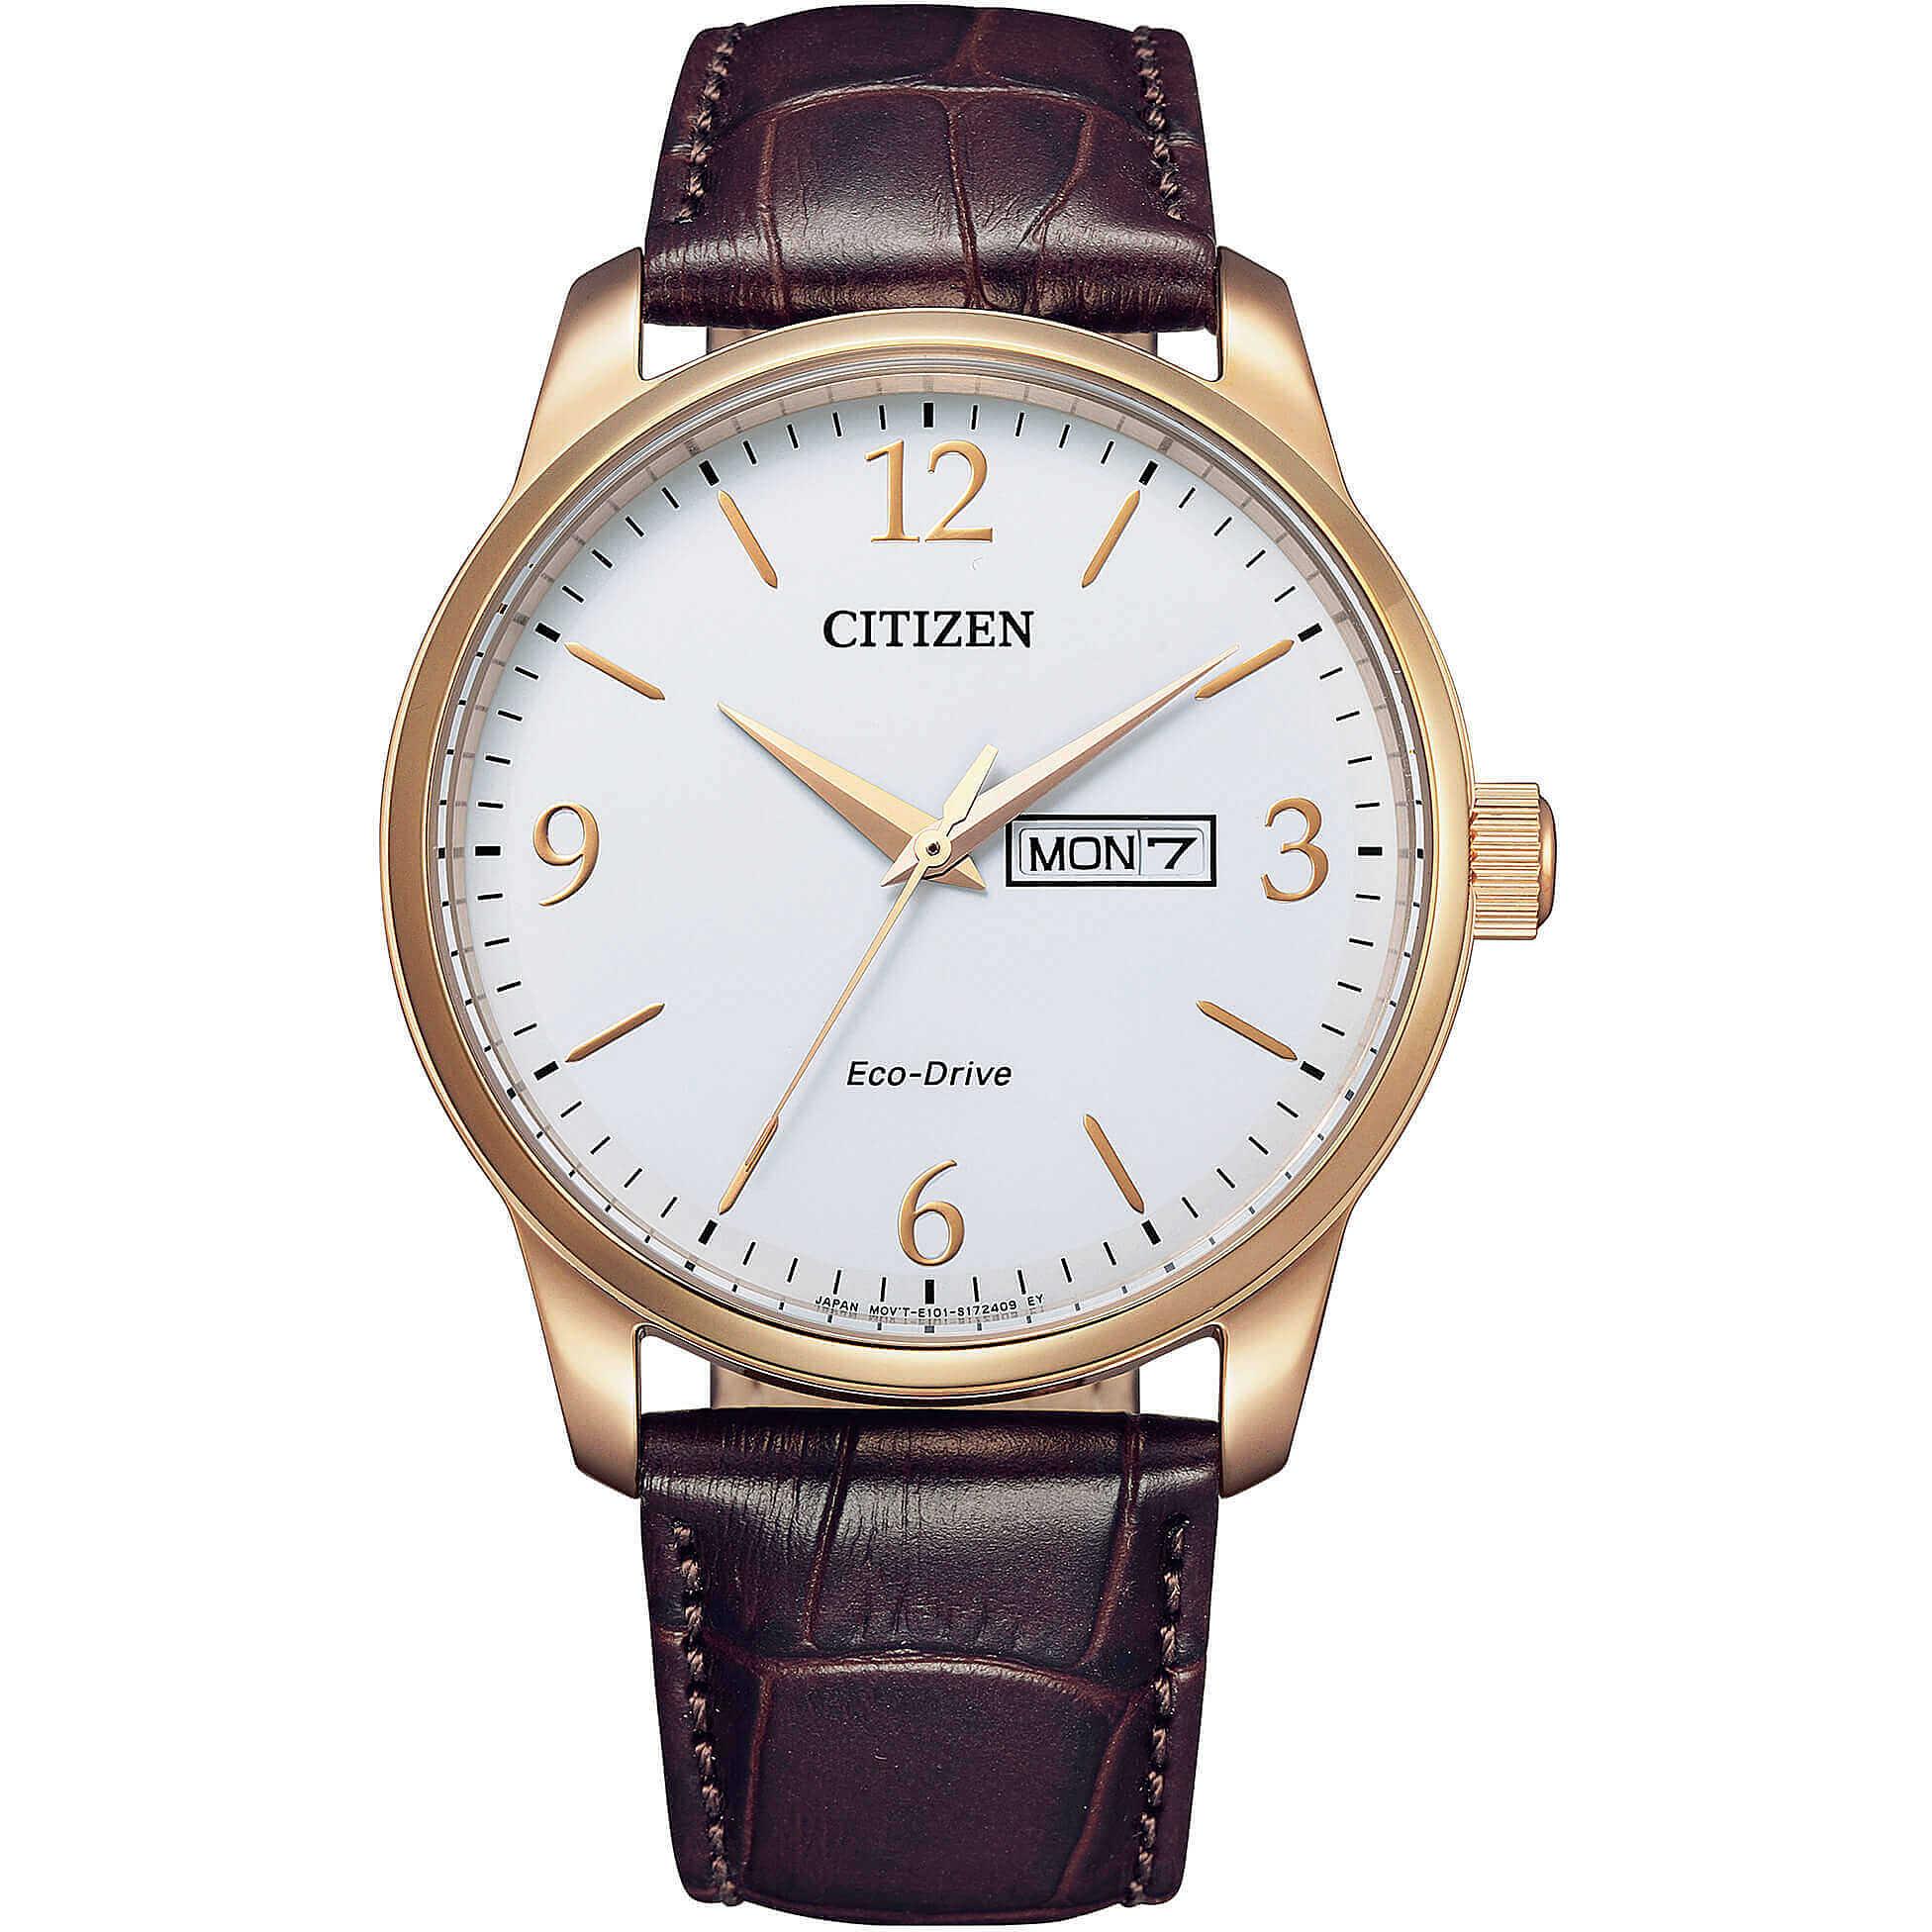 Citizen orologio solo tempo uomo Citizen Classic